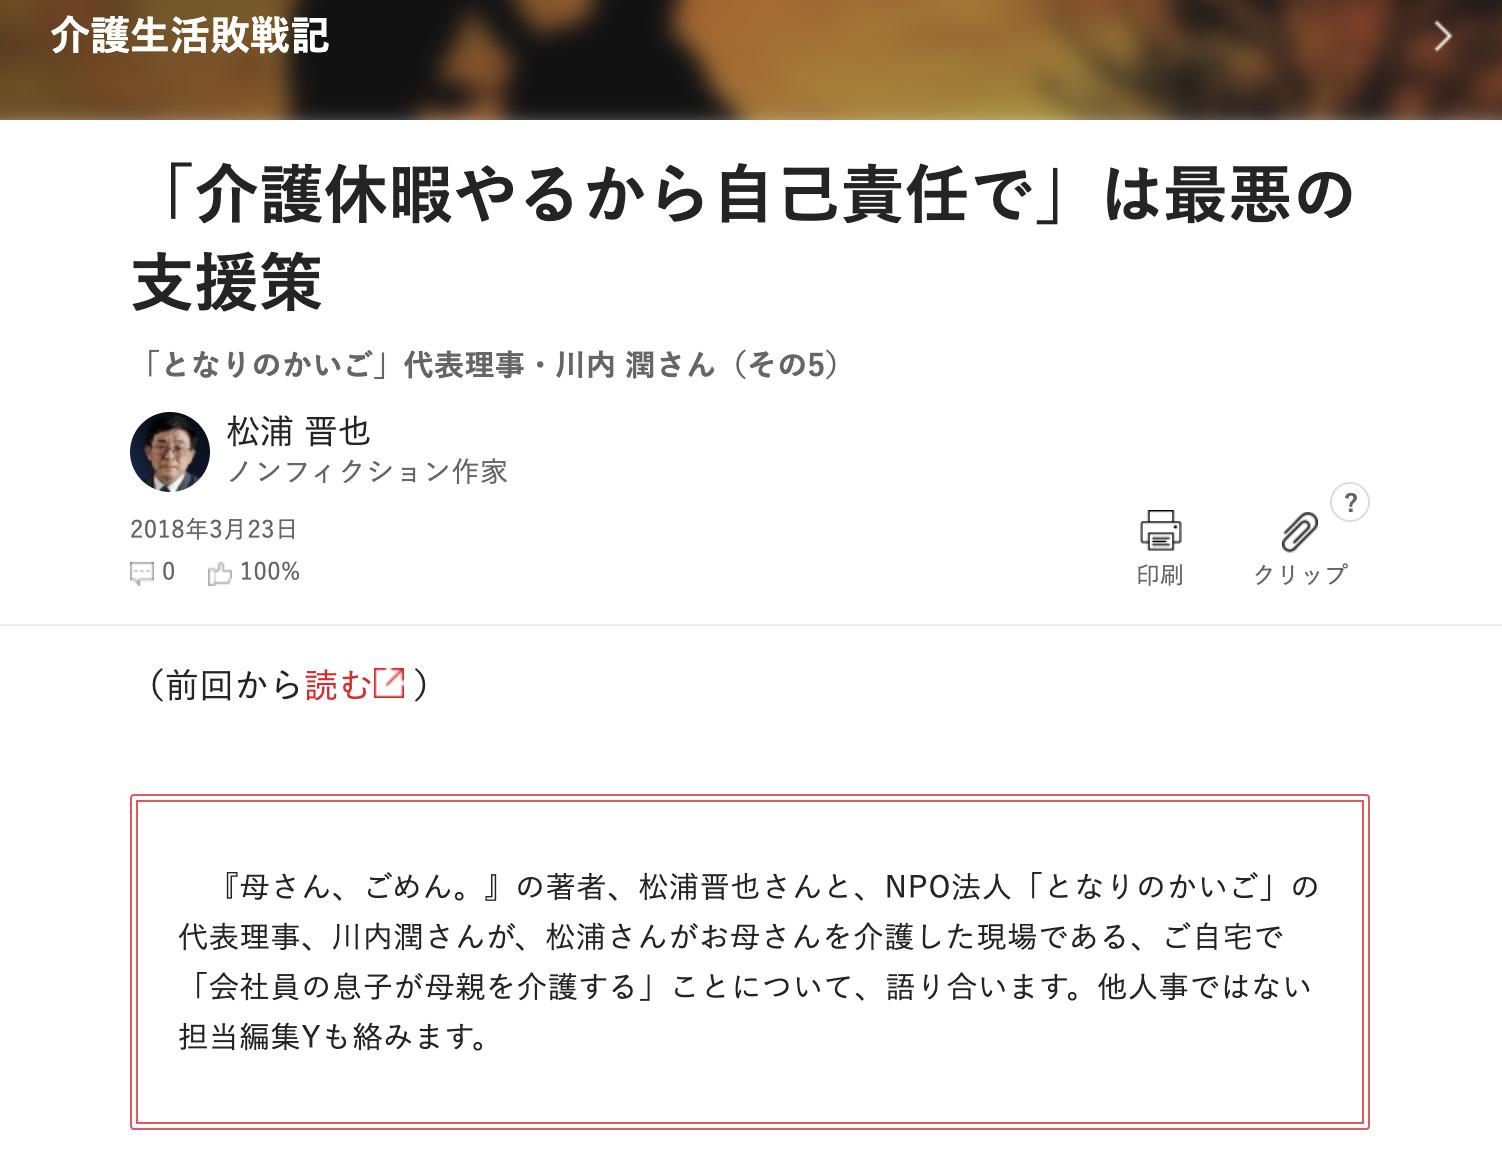 日経ビジネスオンライン『「介護休暇やるから自己責任で」は最悪の支援策』